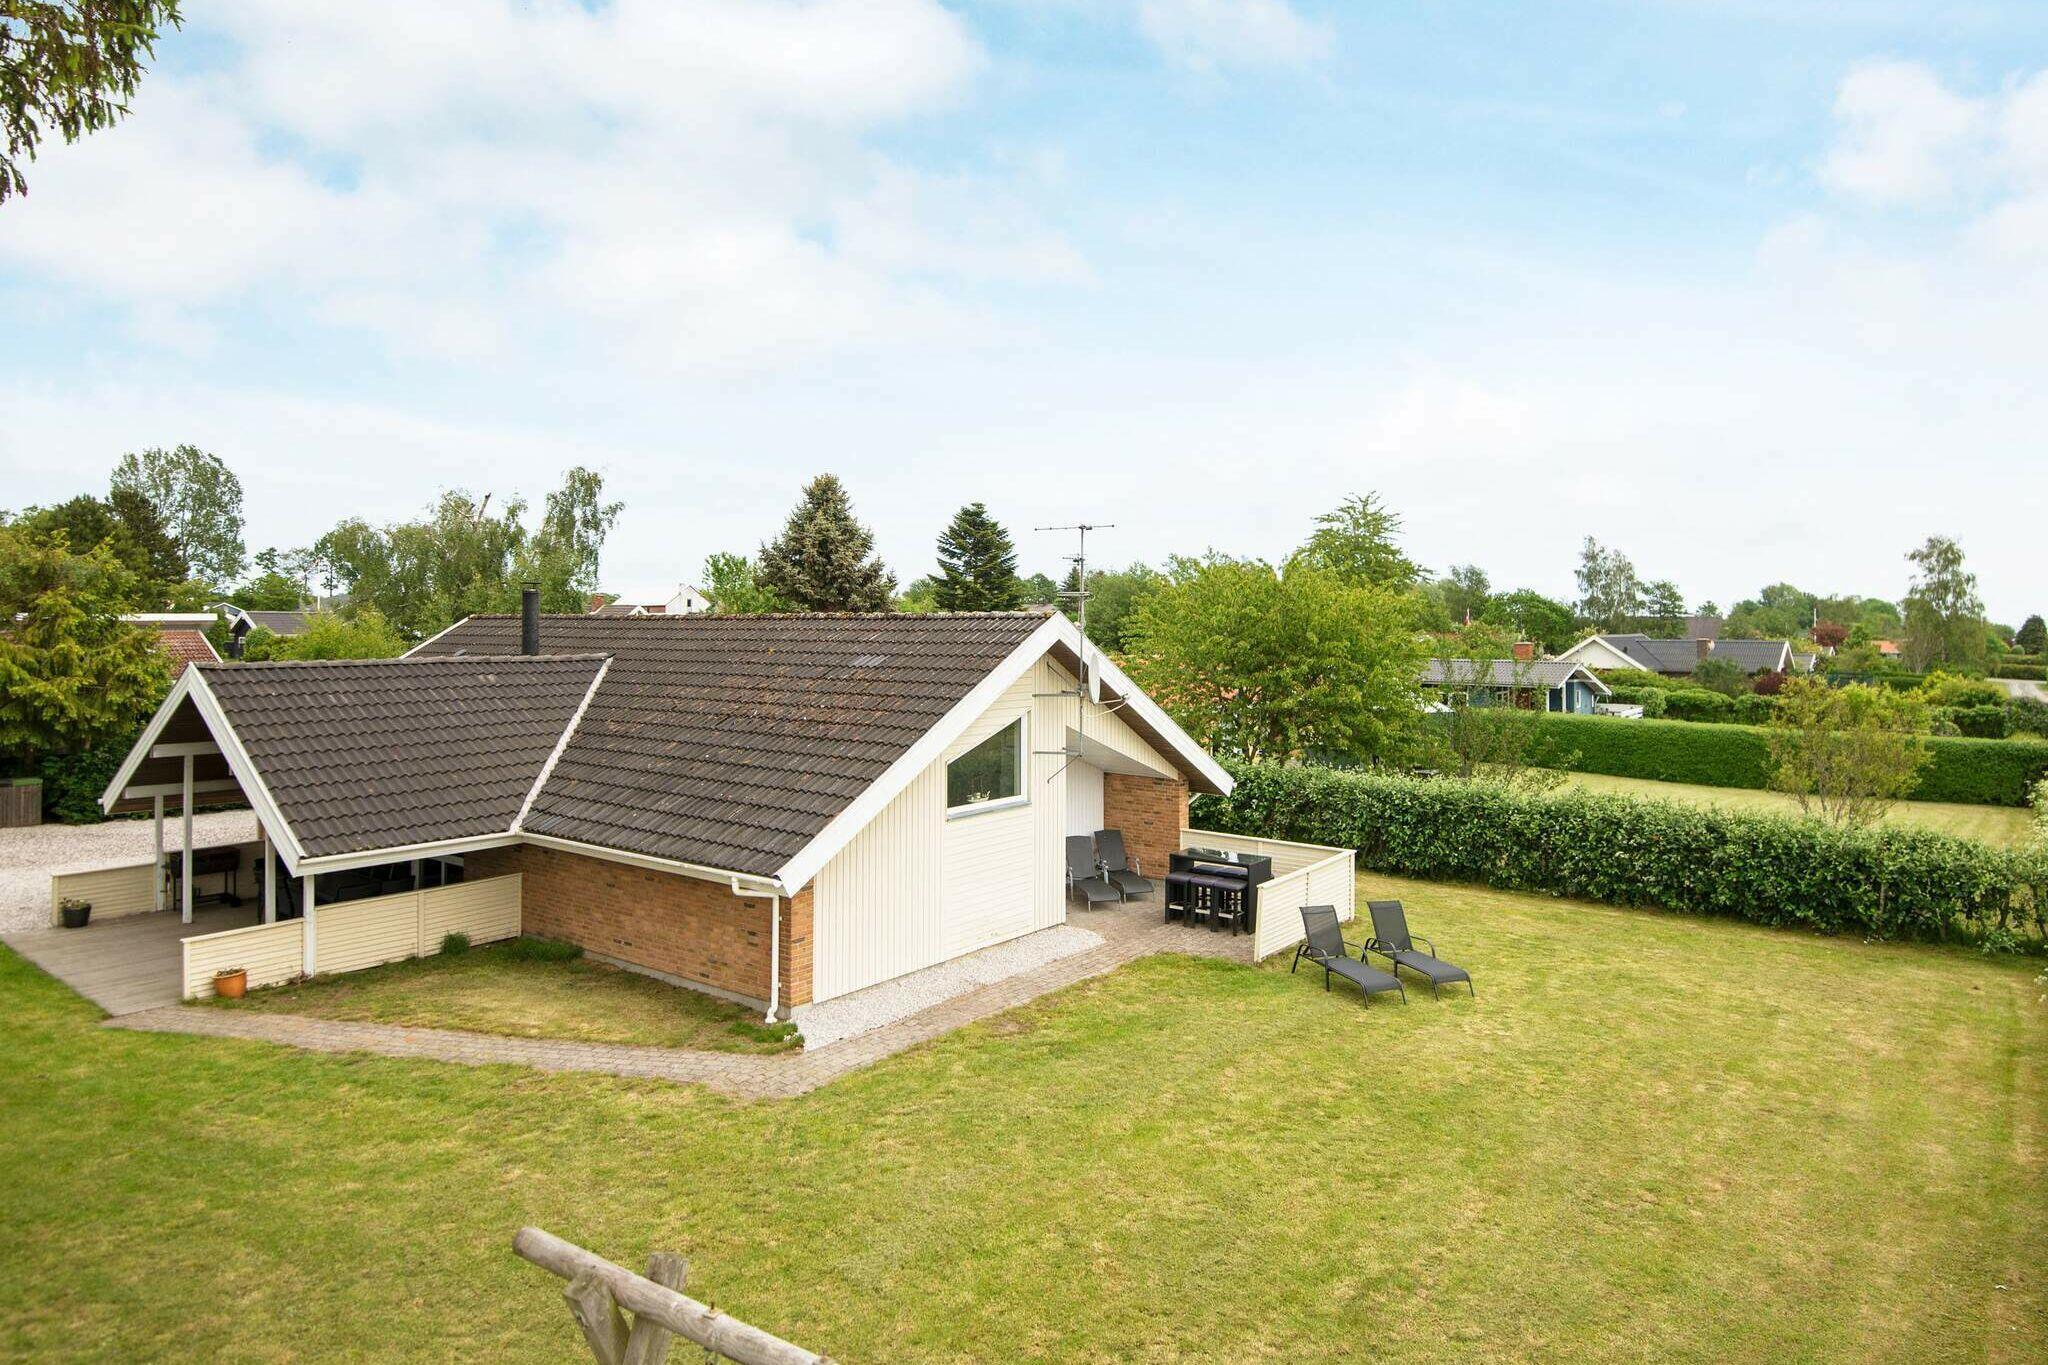 Ferienhaus in Juelsminde für 10 Personen